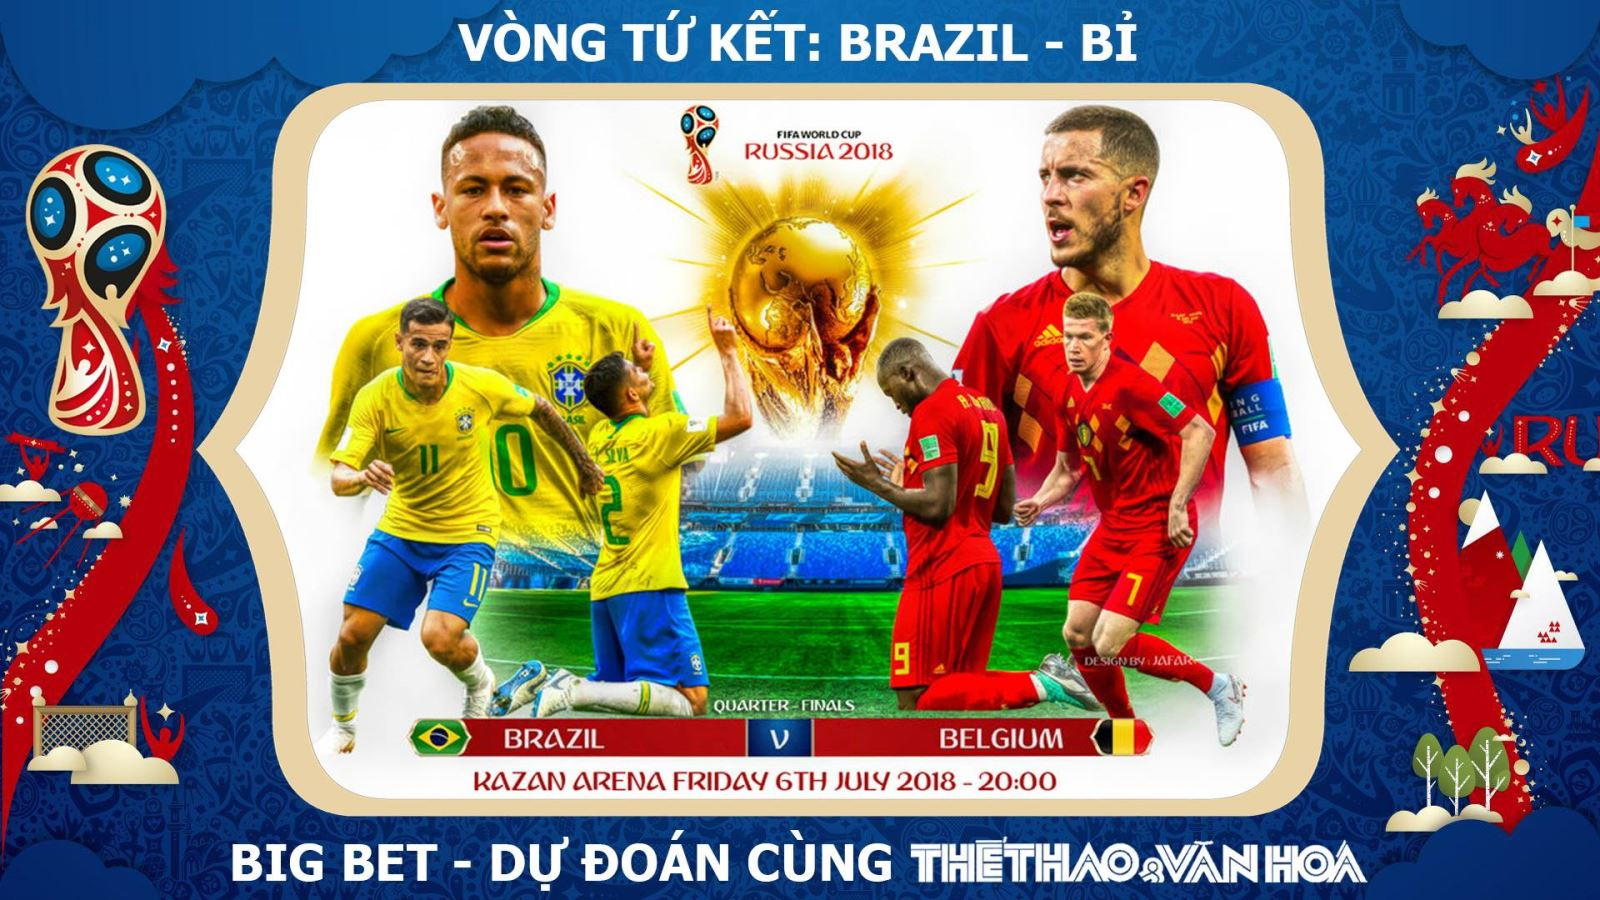 Dự đoán bóng đá. Dự đoán Brazil vs Bỉ. Kèo Brazil vs Bỉ. Kèo Bỉ vs Brazil. Soi kèo Brazil. Chọn kèo Brazil. Nhận định World Cup 2018. Soi kèo Tứ kết World Cup 2018. VTV6 trực tiếp. VTV3 trực tiếp. VTV2 trực tiếp